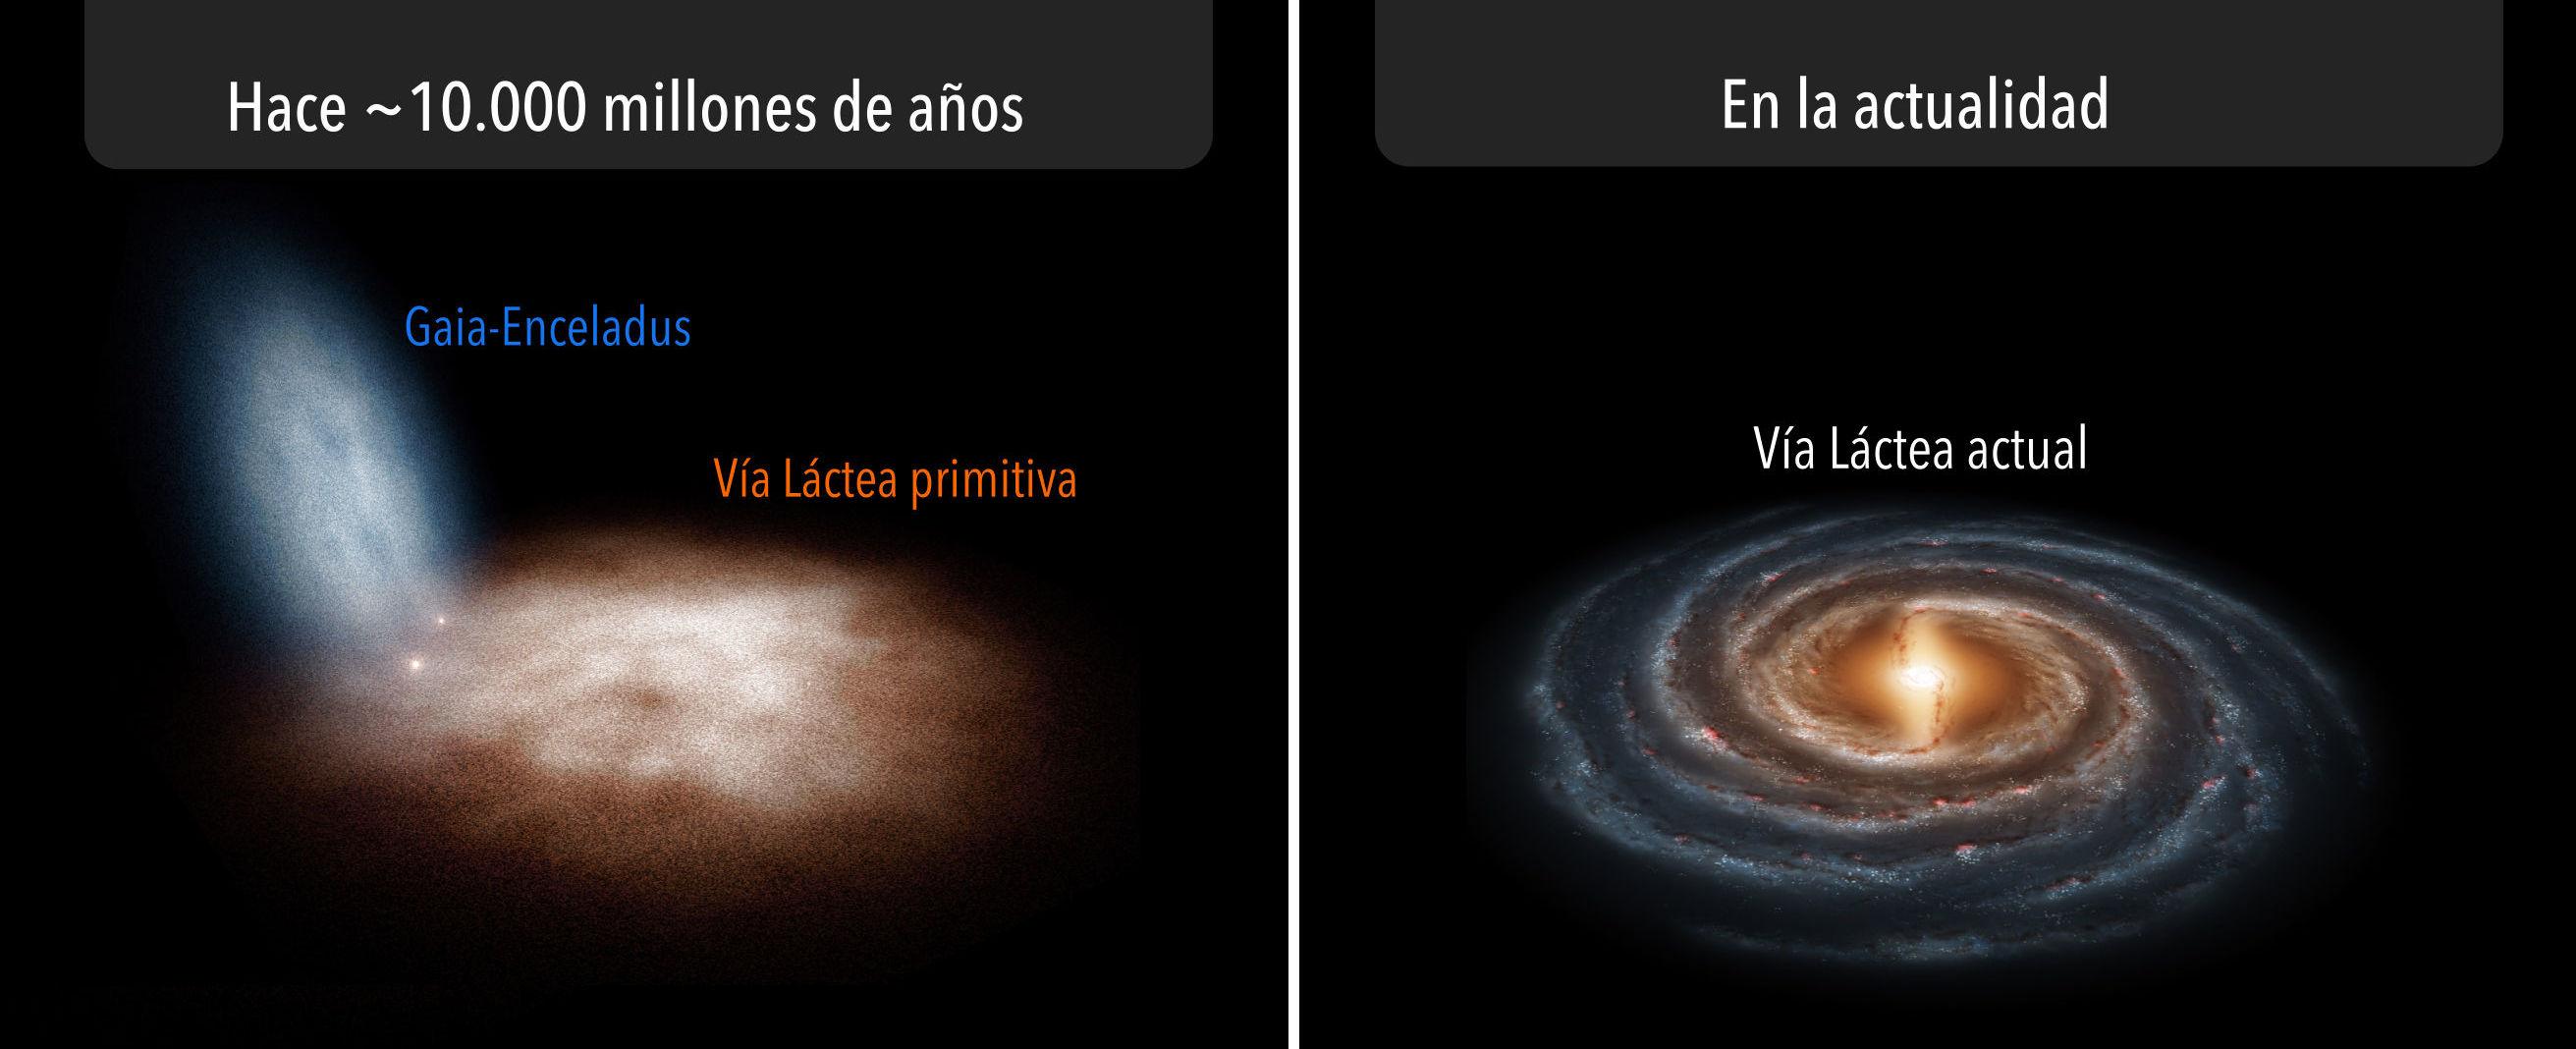 Reprodução em imagem do nascimento da absorção de uma galáxia anã pela Via Láctea há 10 mil milhões de anos